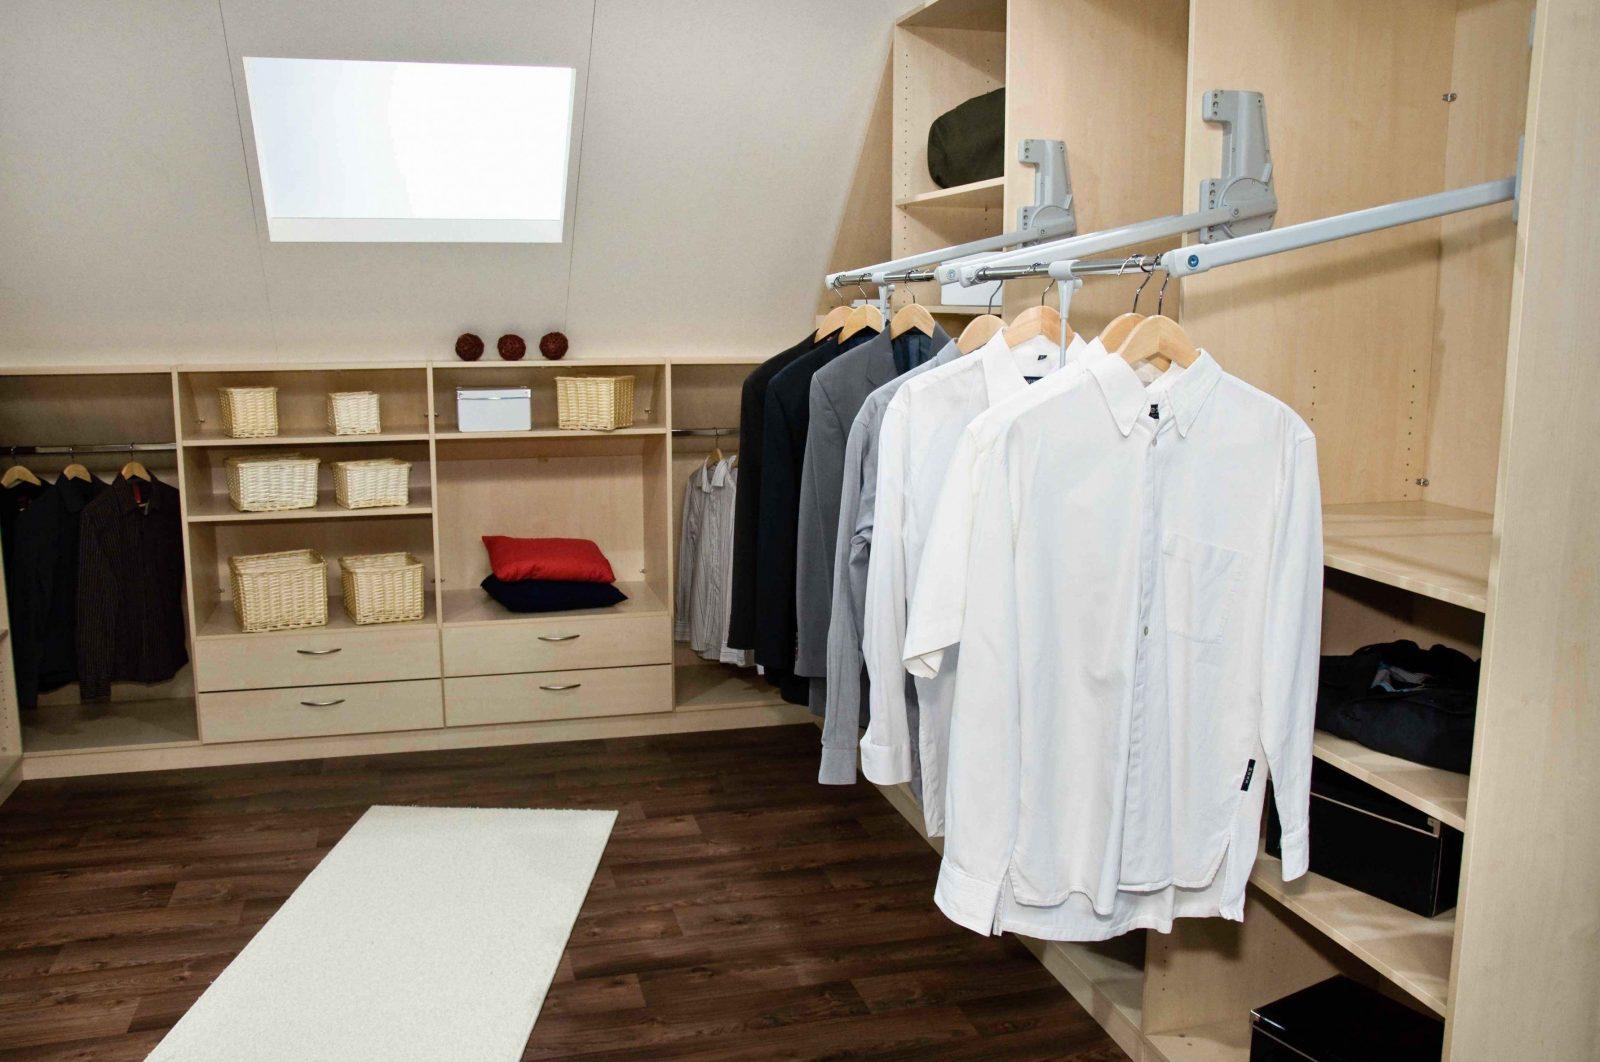 Wunderbar Offener Kleiderschrank Selbst Gemacht Begehbarer Schrank von Begehbarer Schrank Selber Bauen Bild